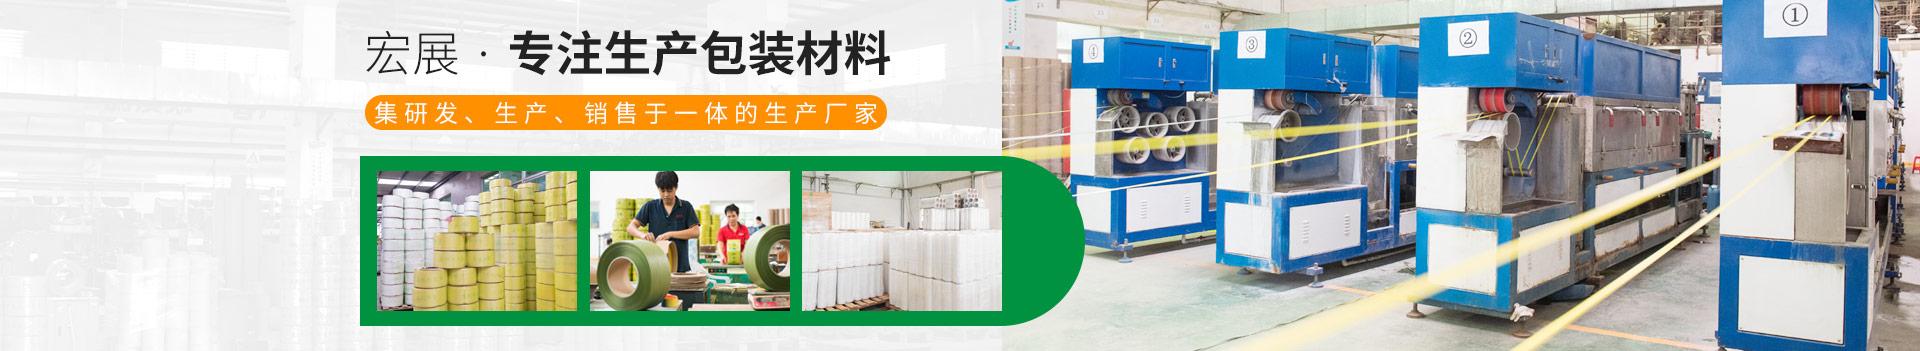 沐鸣2注册-专注生产包装材料